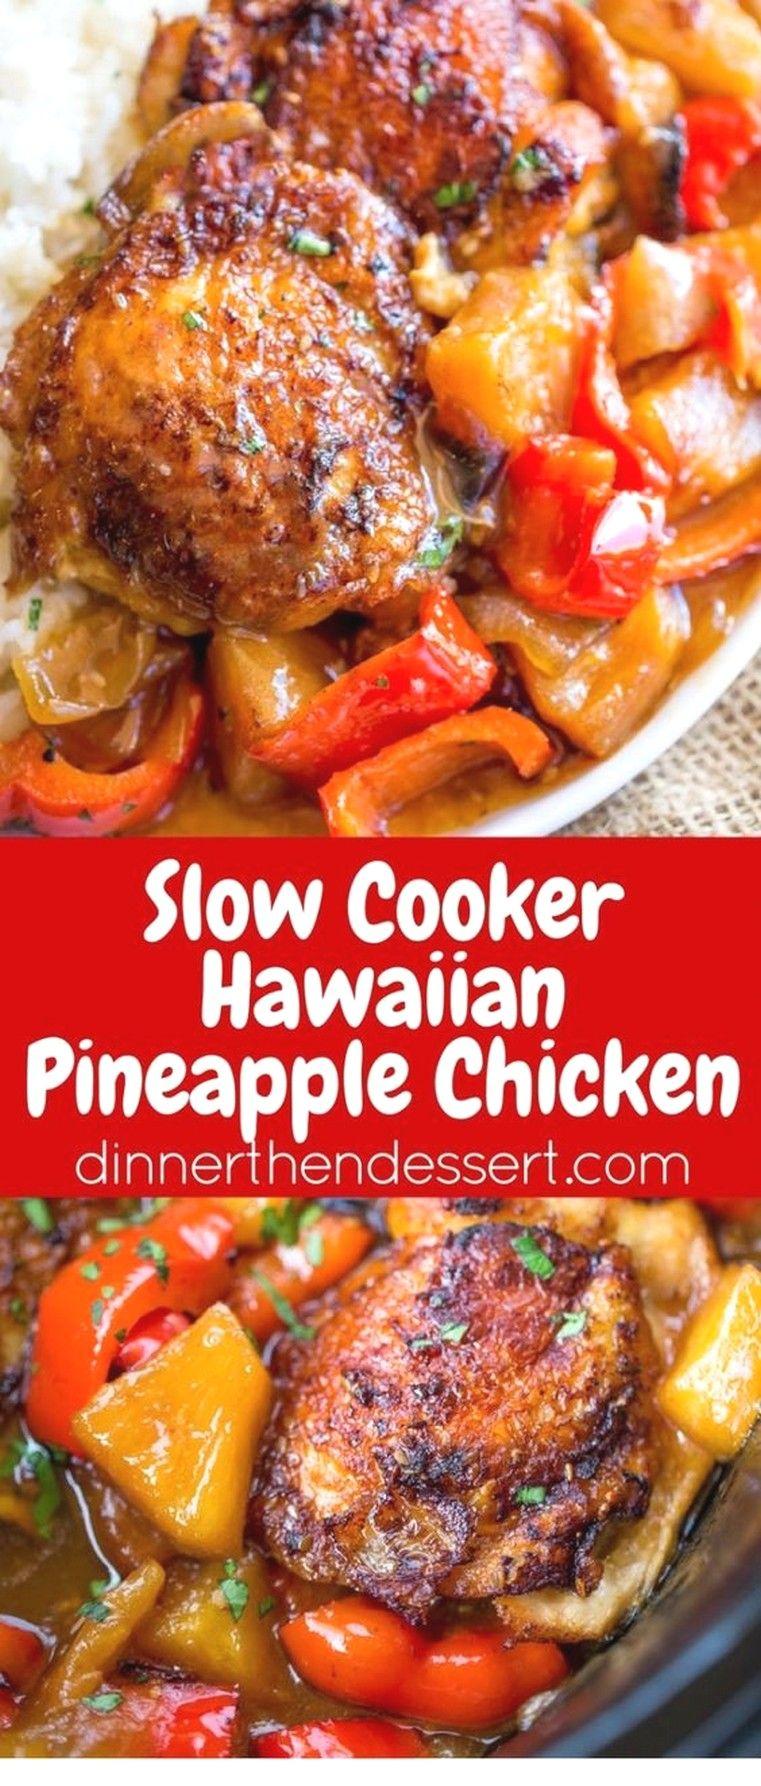 Slow Cooker Hawaiian Pineapple Chicken Crockpot Recipes Chicken Slow Cooker Recipes Easy Slow Cooker Recipes Crockpot Recipes Slow Cooker